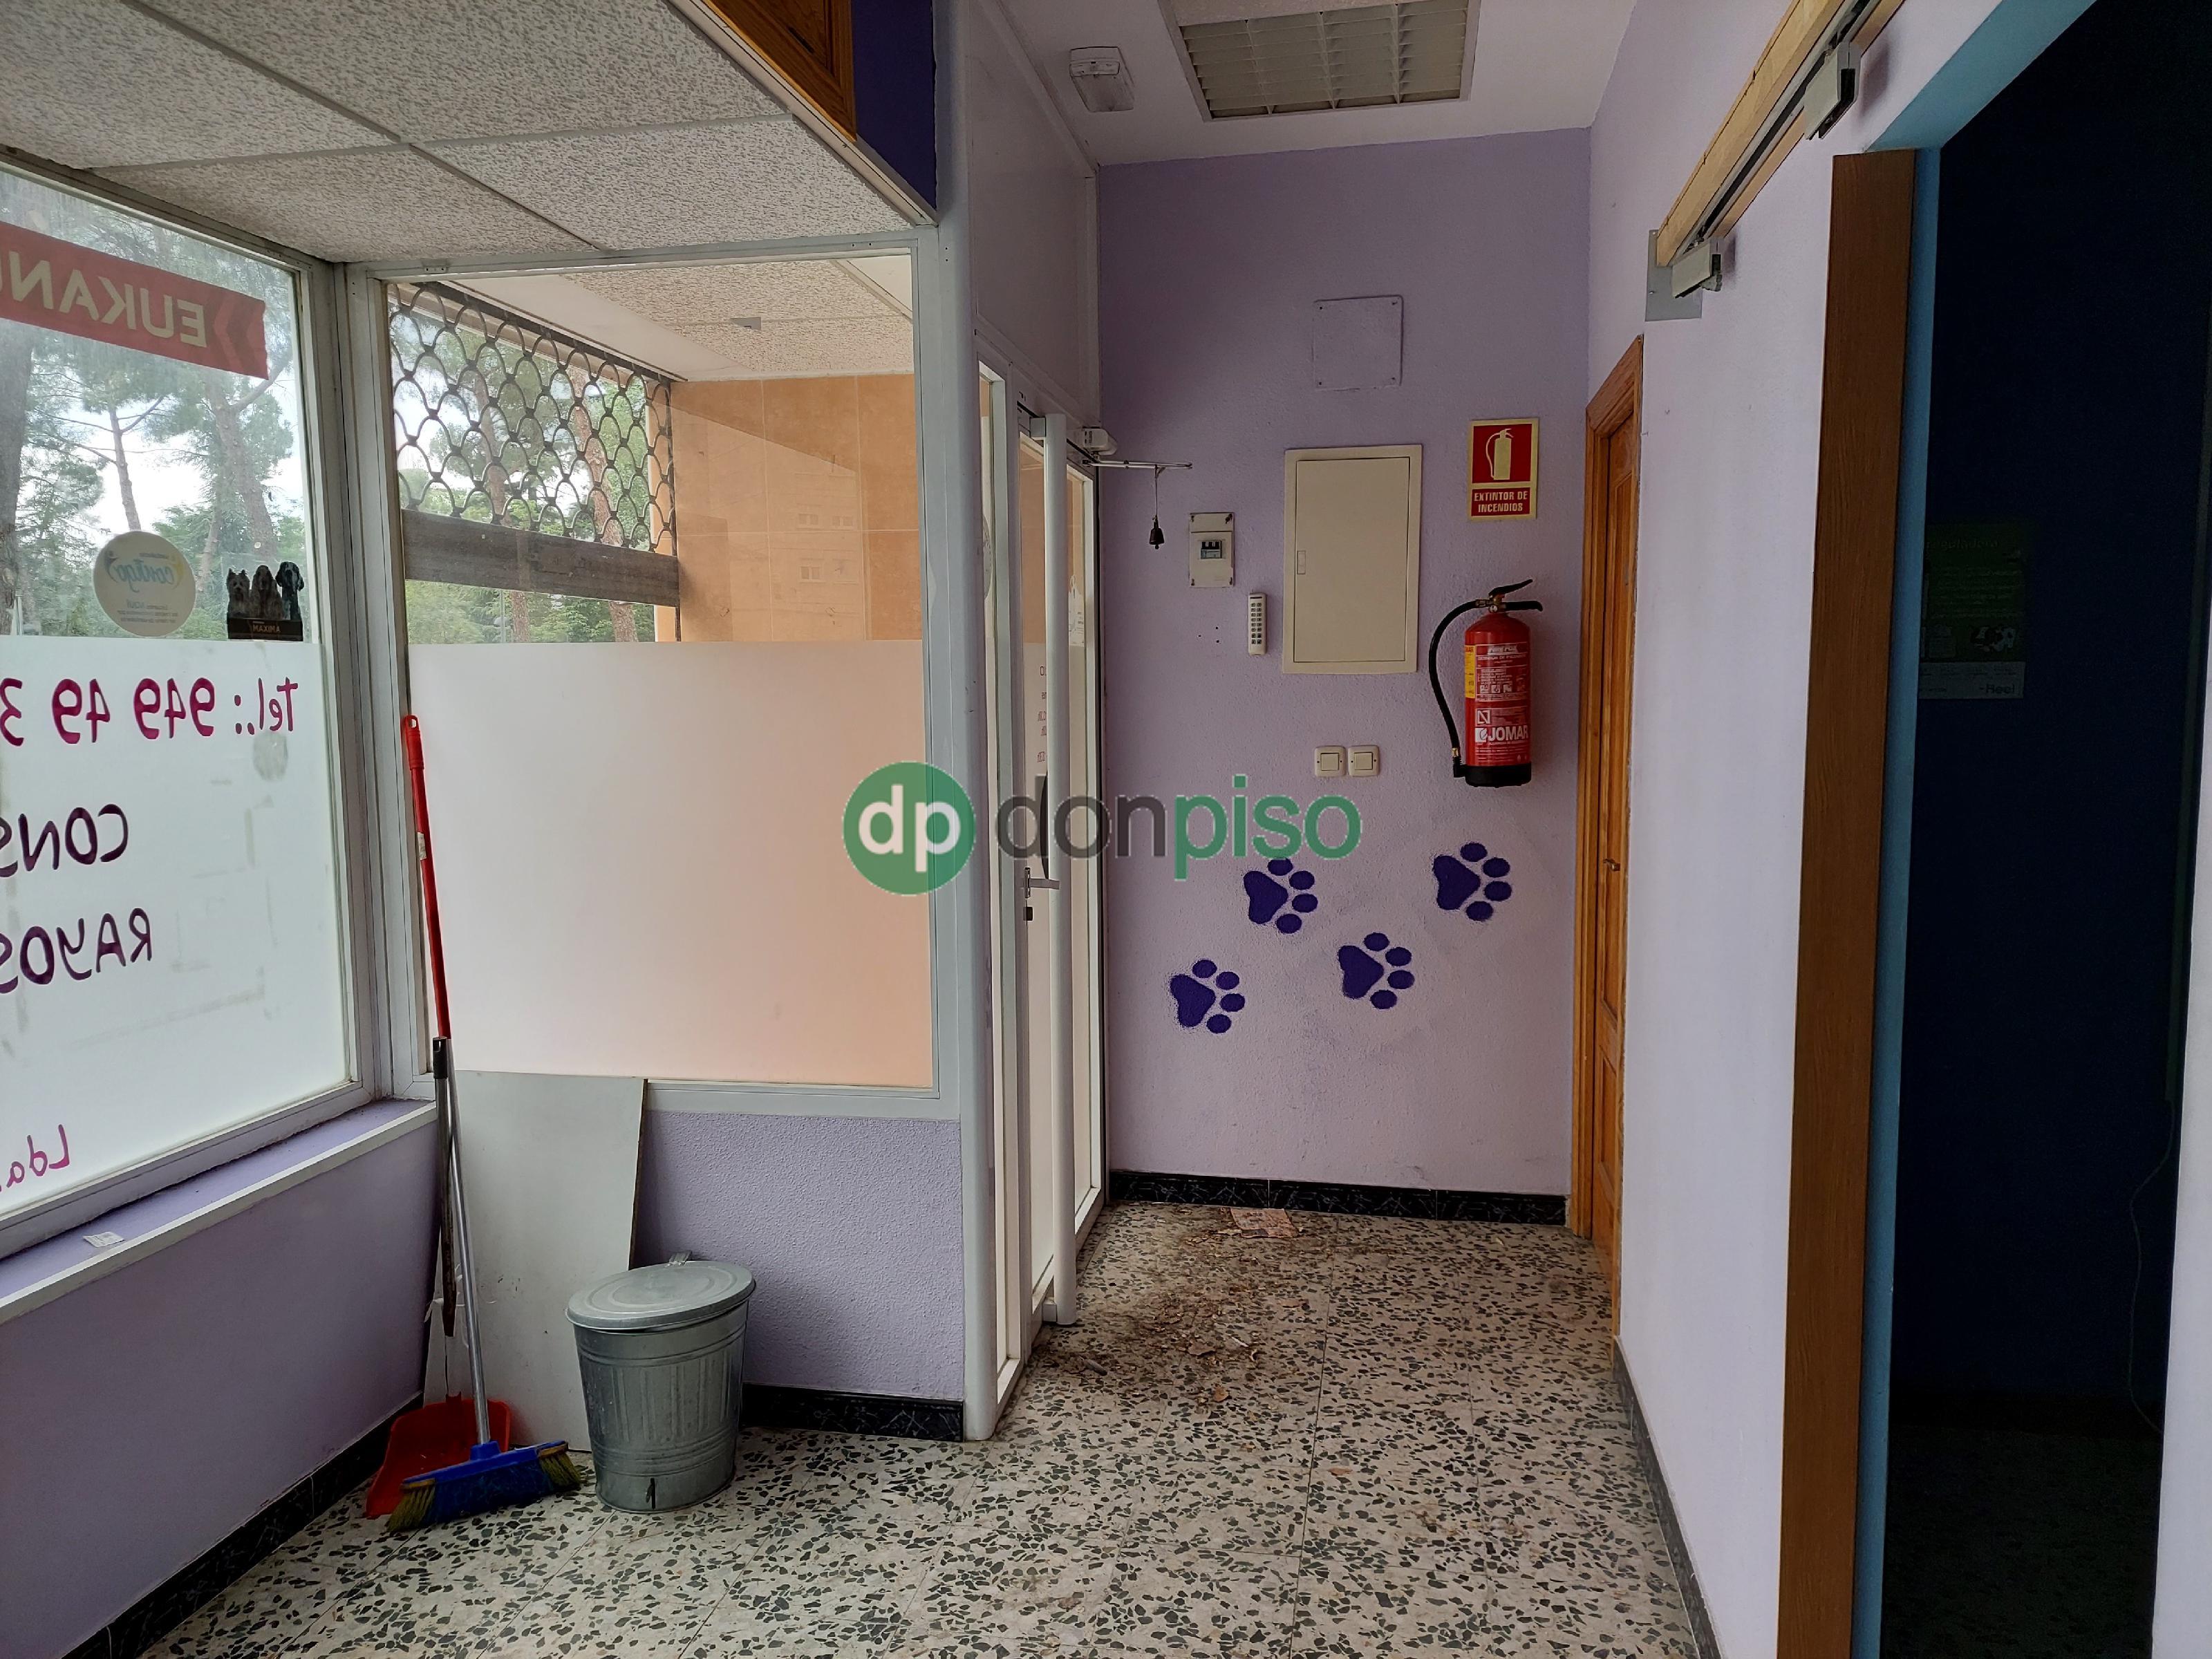 Imagen 2 Local Comercial en alquiler en Guadalajara / Enfrente Parque Amistad